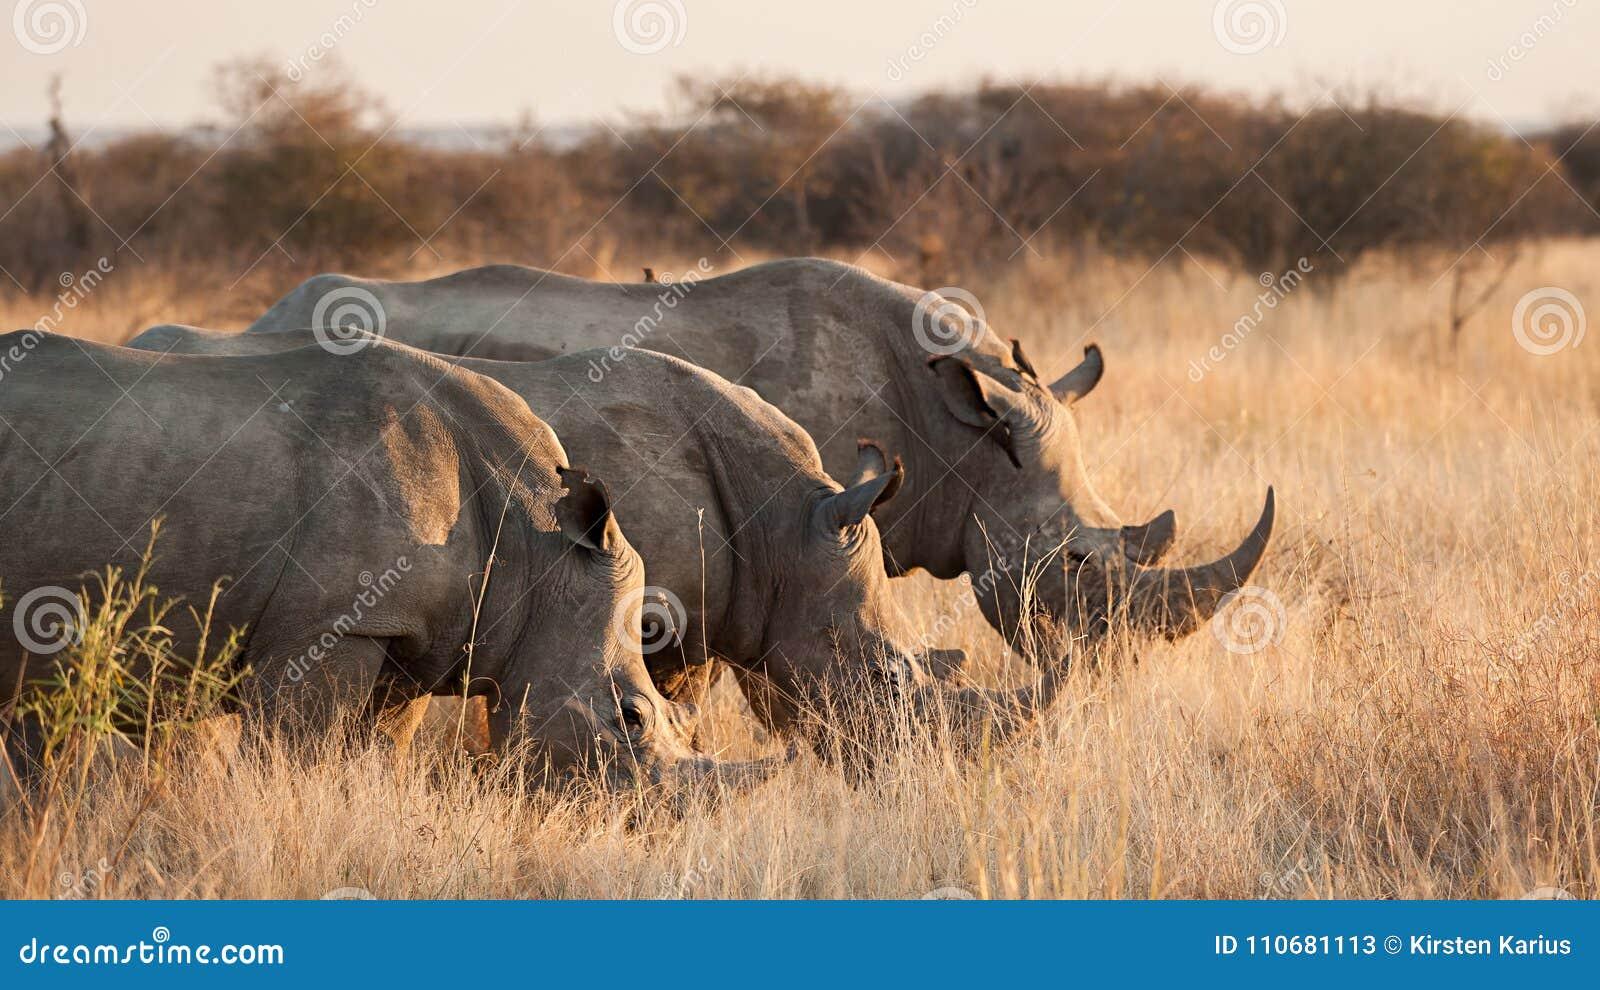 Three White rhinoceros hide behind grass - Ceratotherium simum